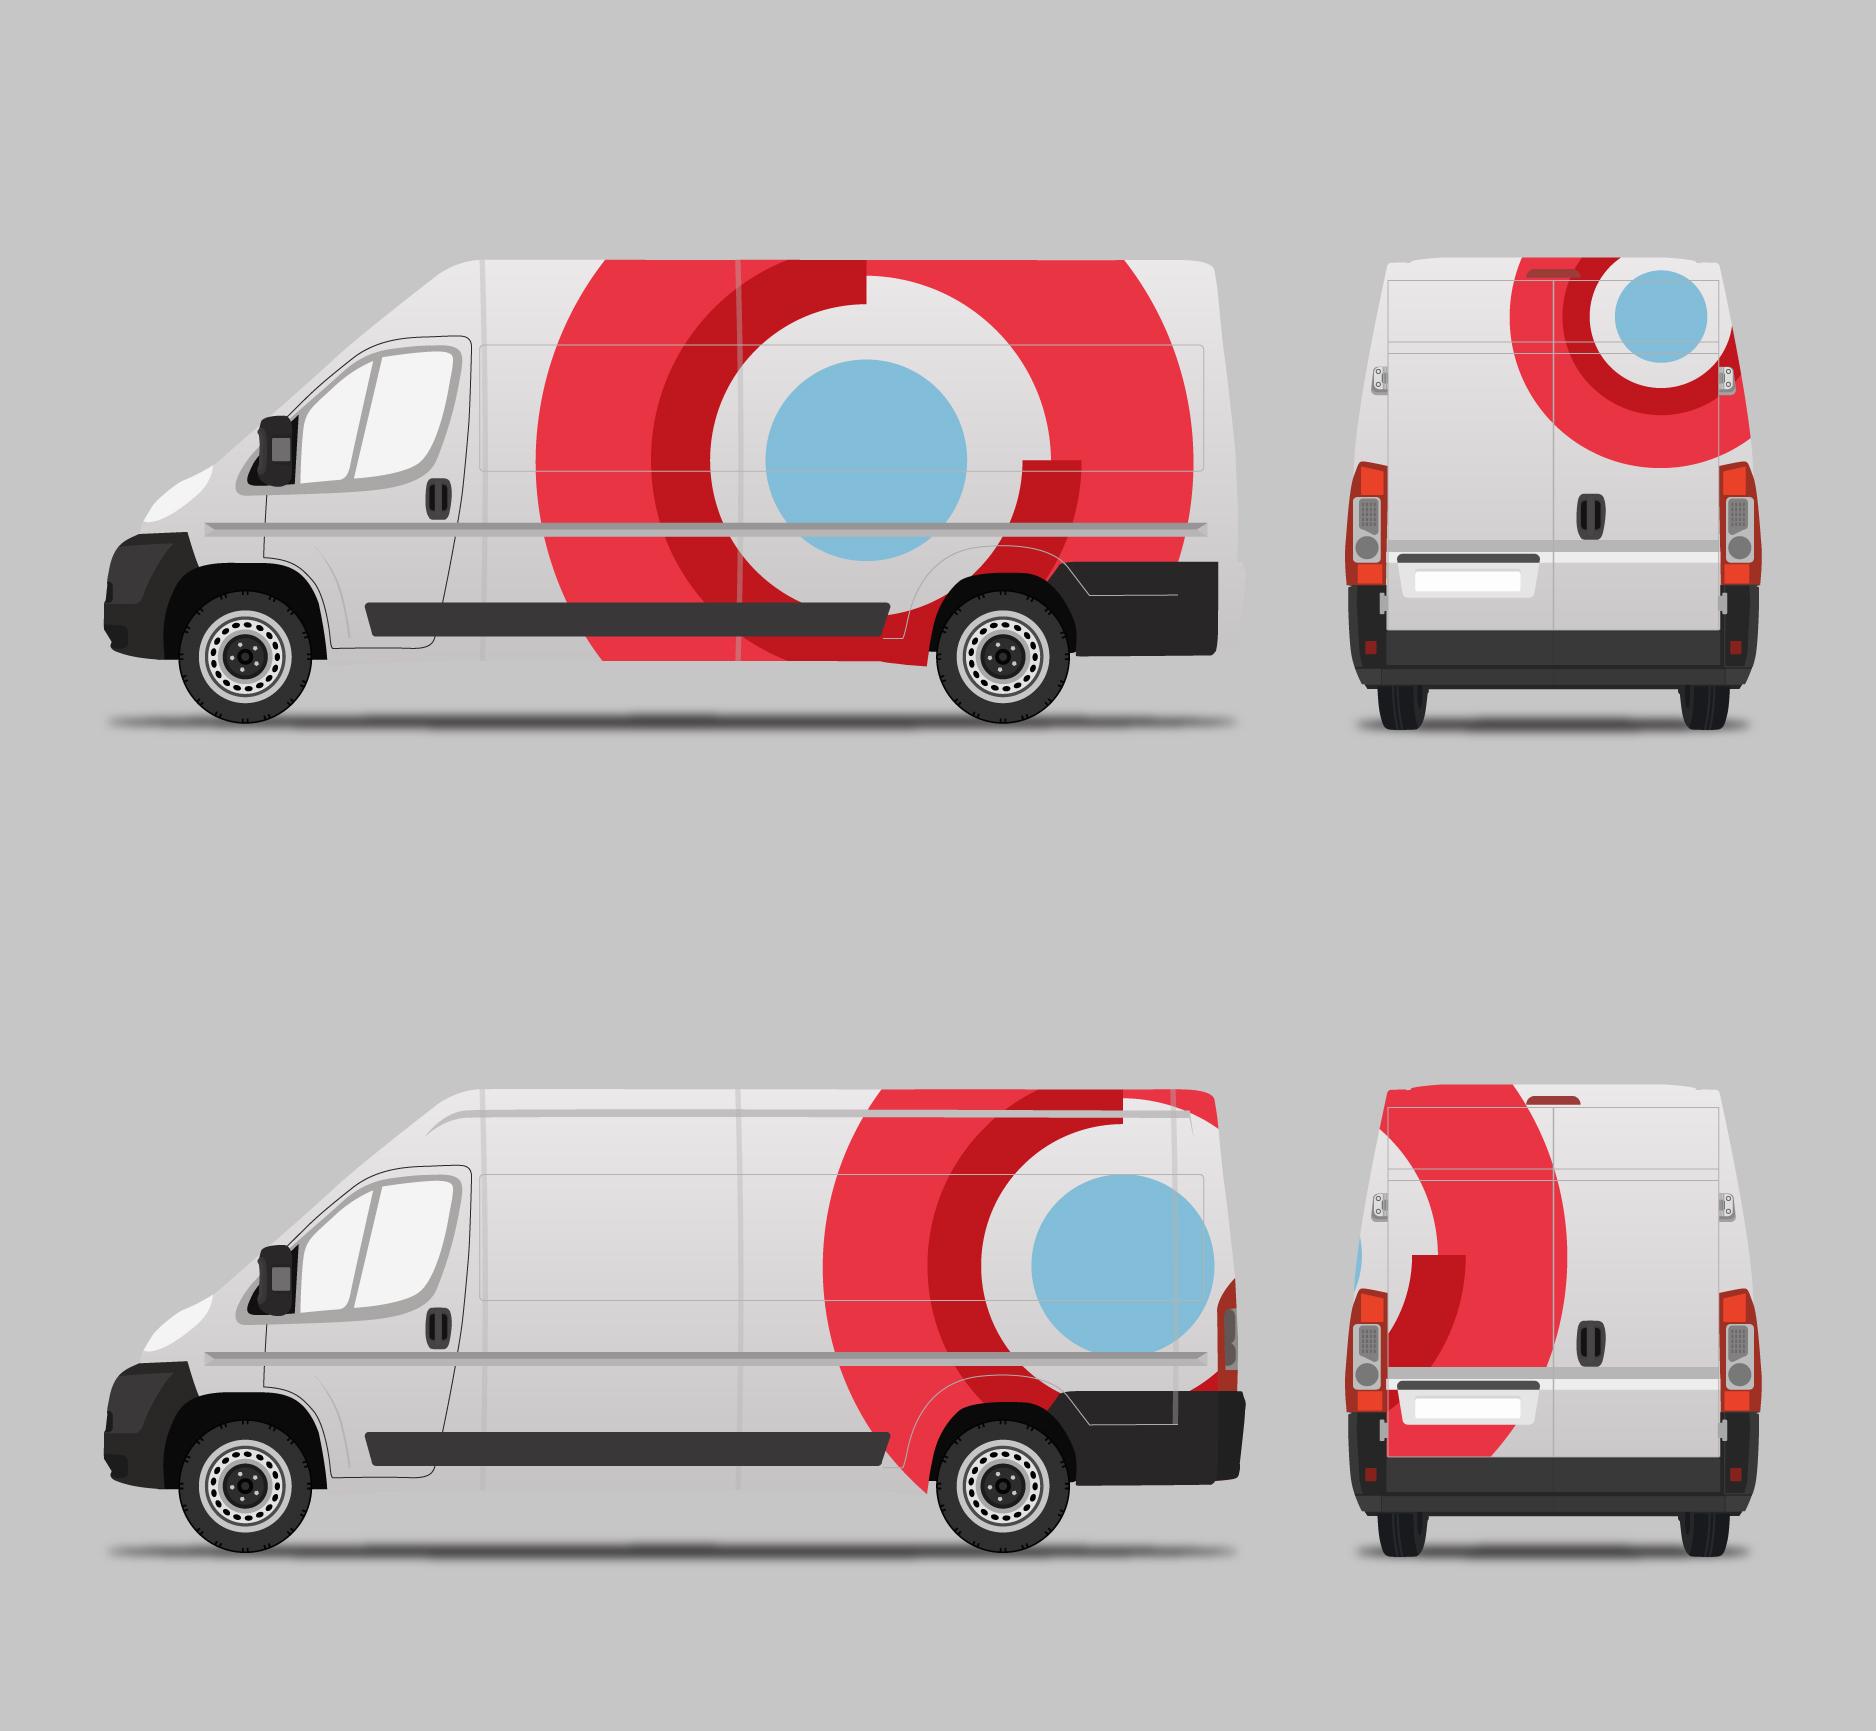 Разработка логотипа и фирменного стиля фото f_4005d9f30d95a60f.jpg